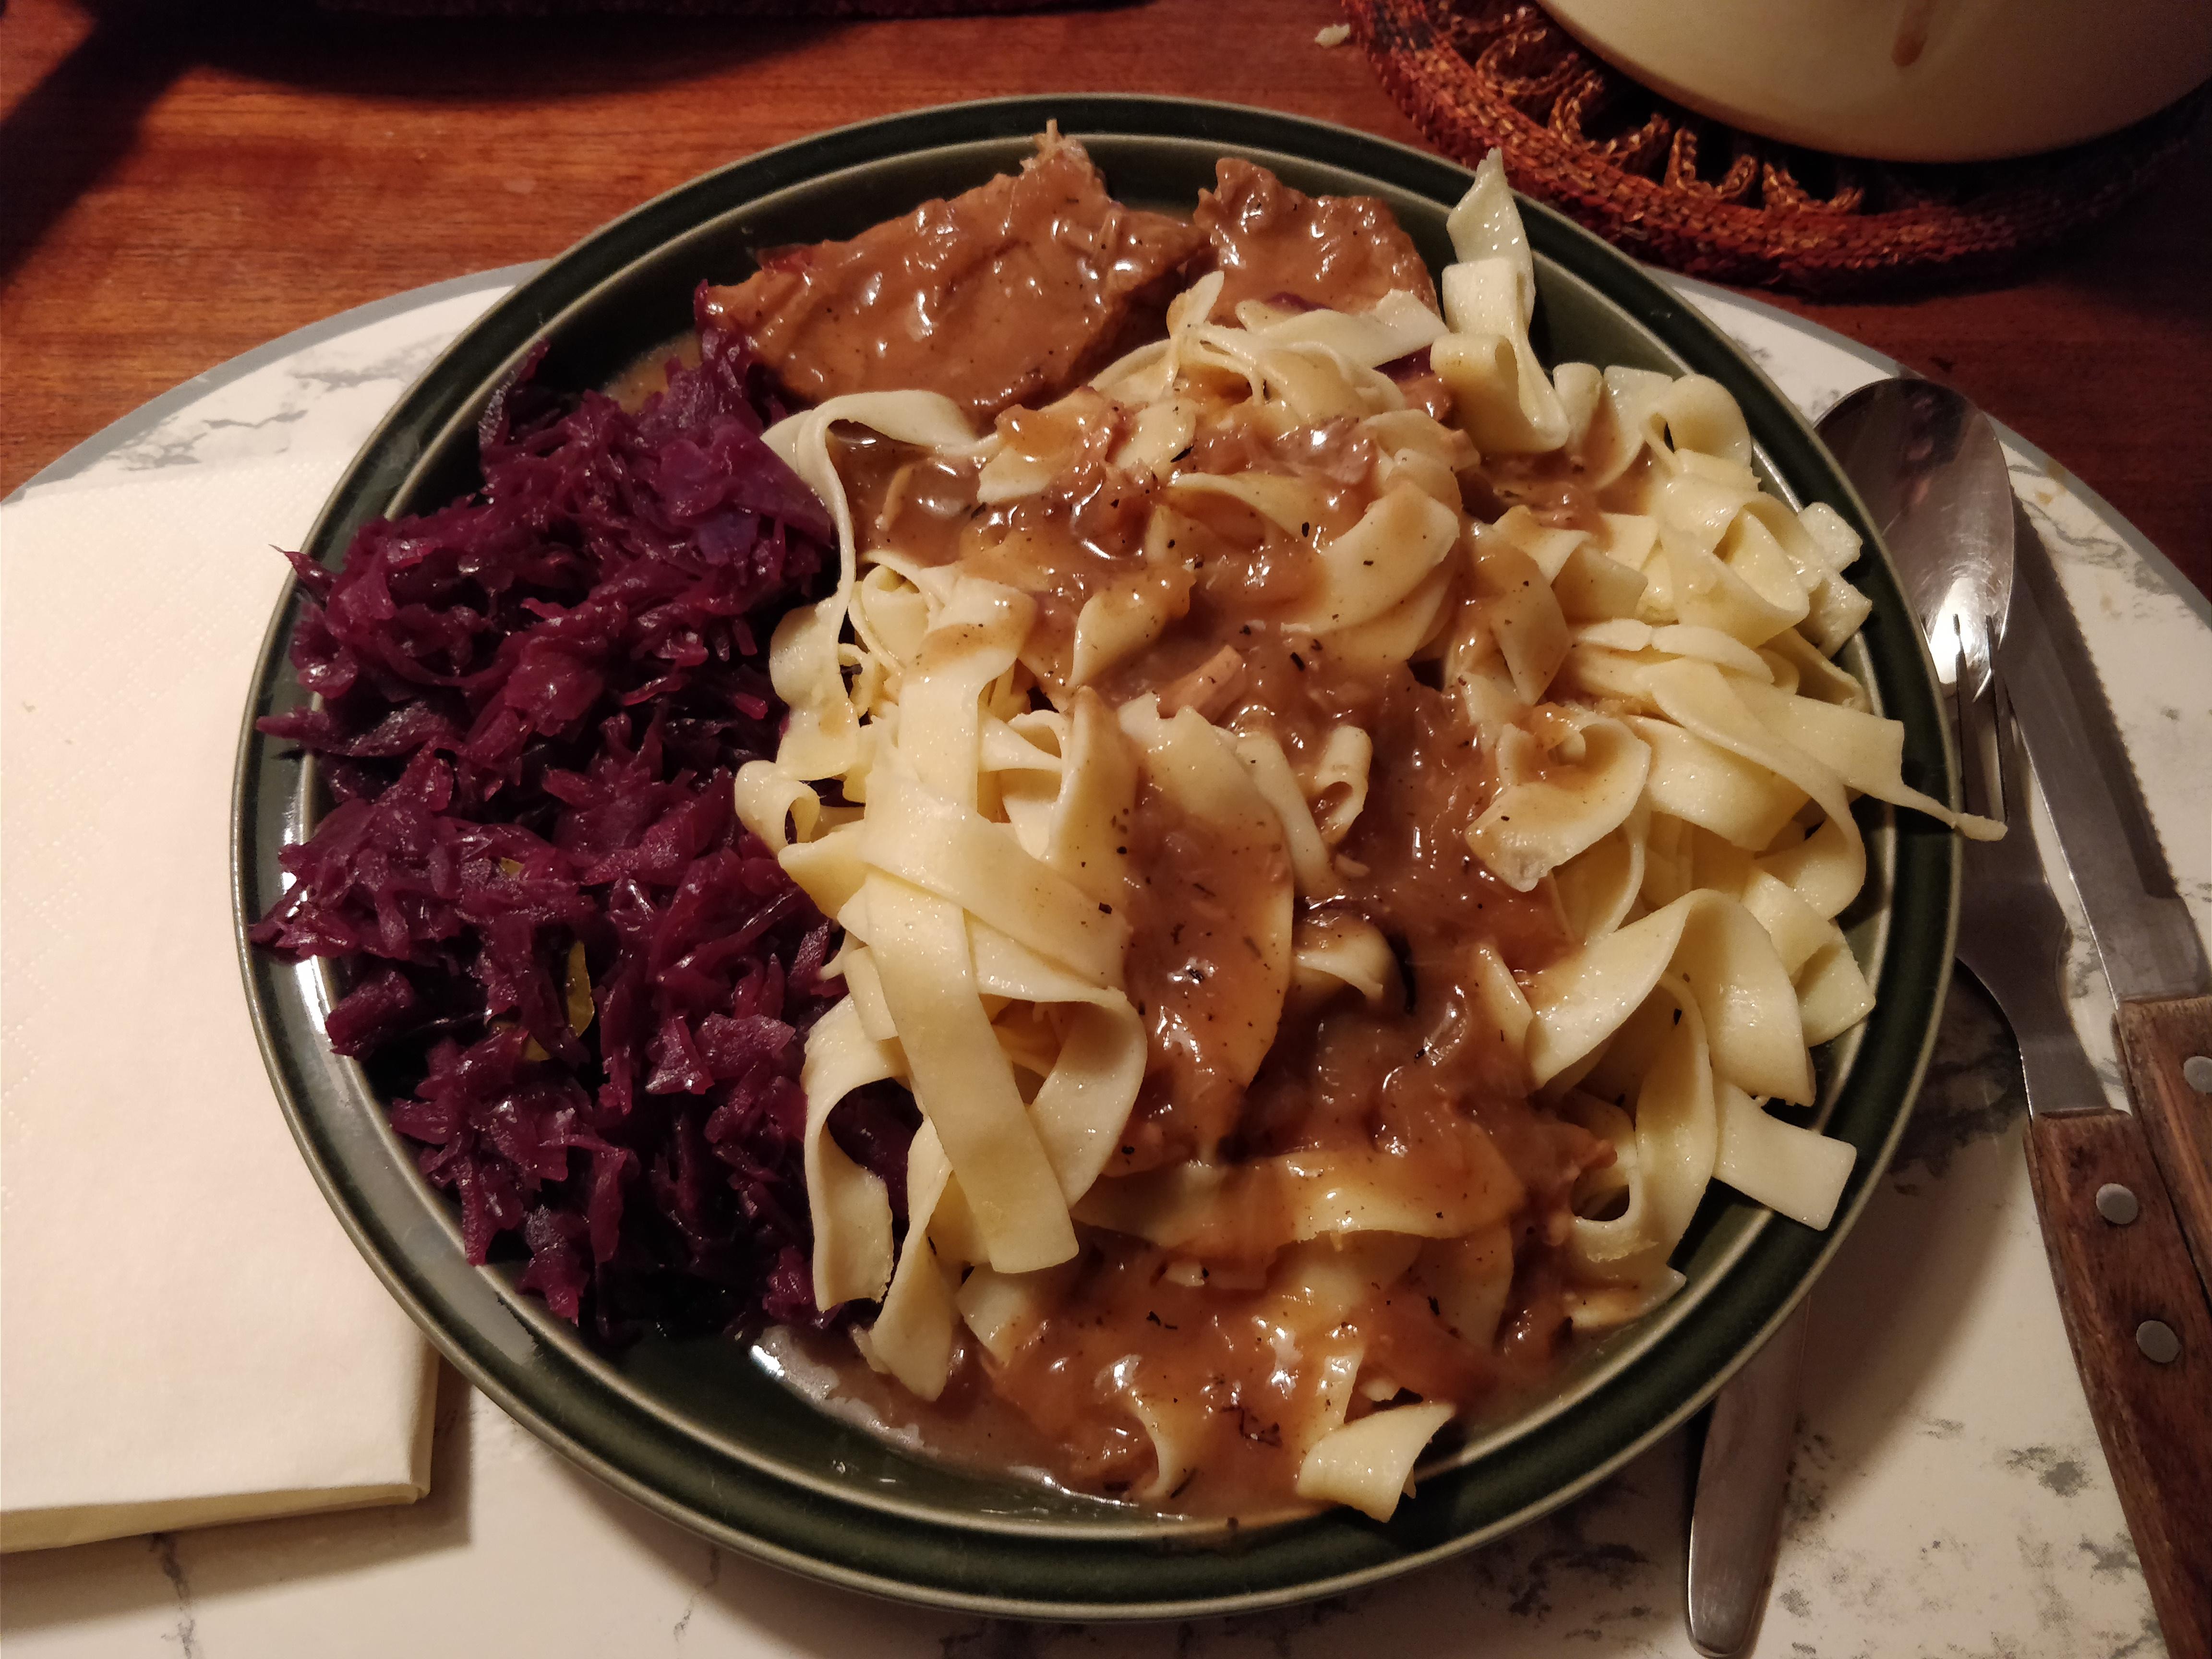 http://foodloader.net/nico_2017-11-29_schweinebraten-rotkraut-nudeln.jpg